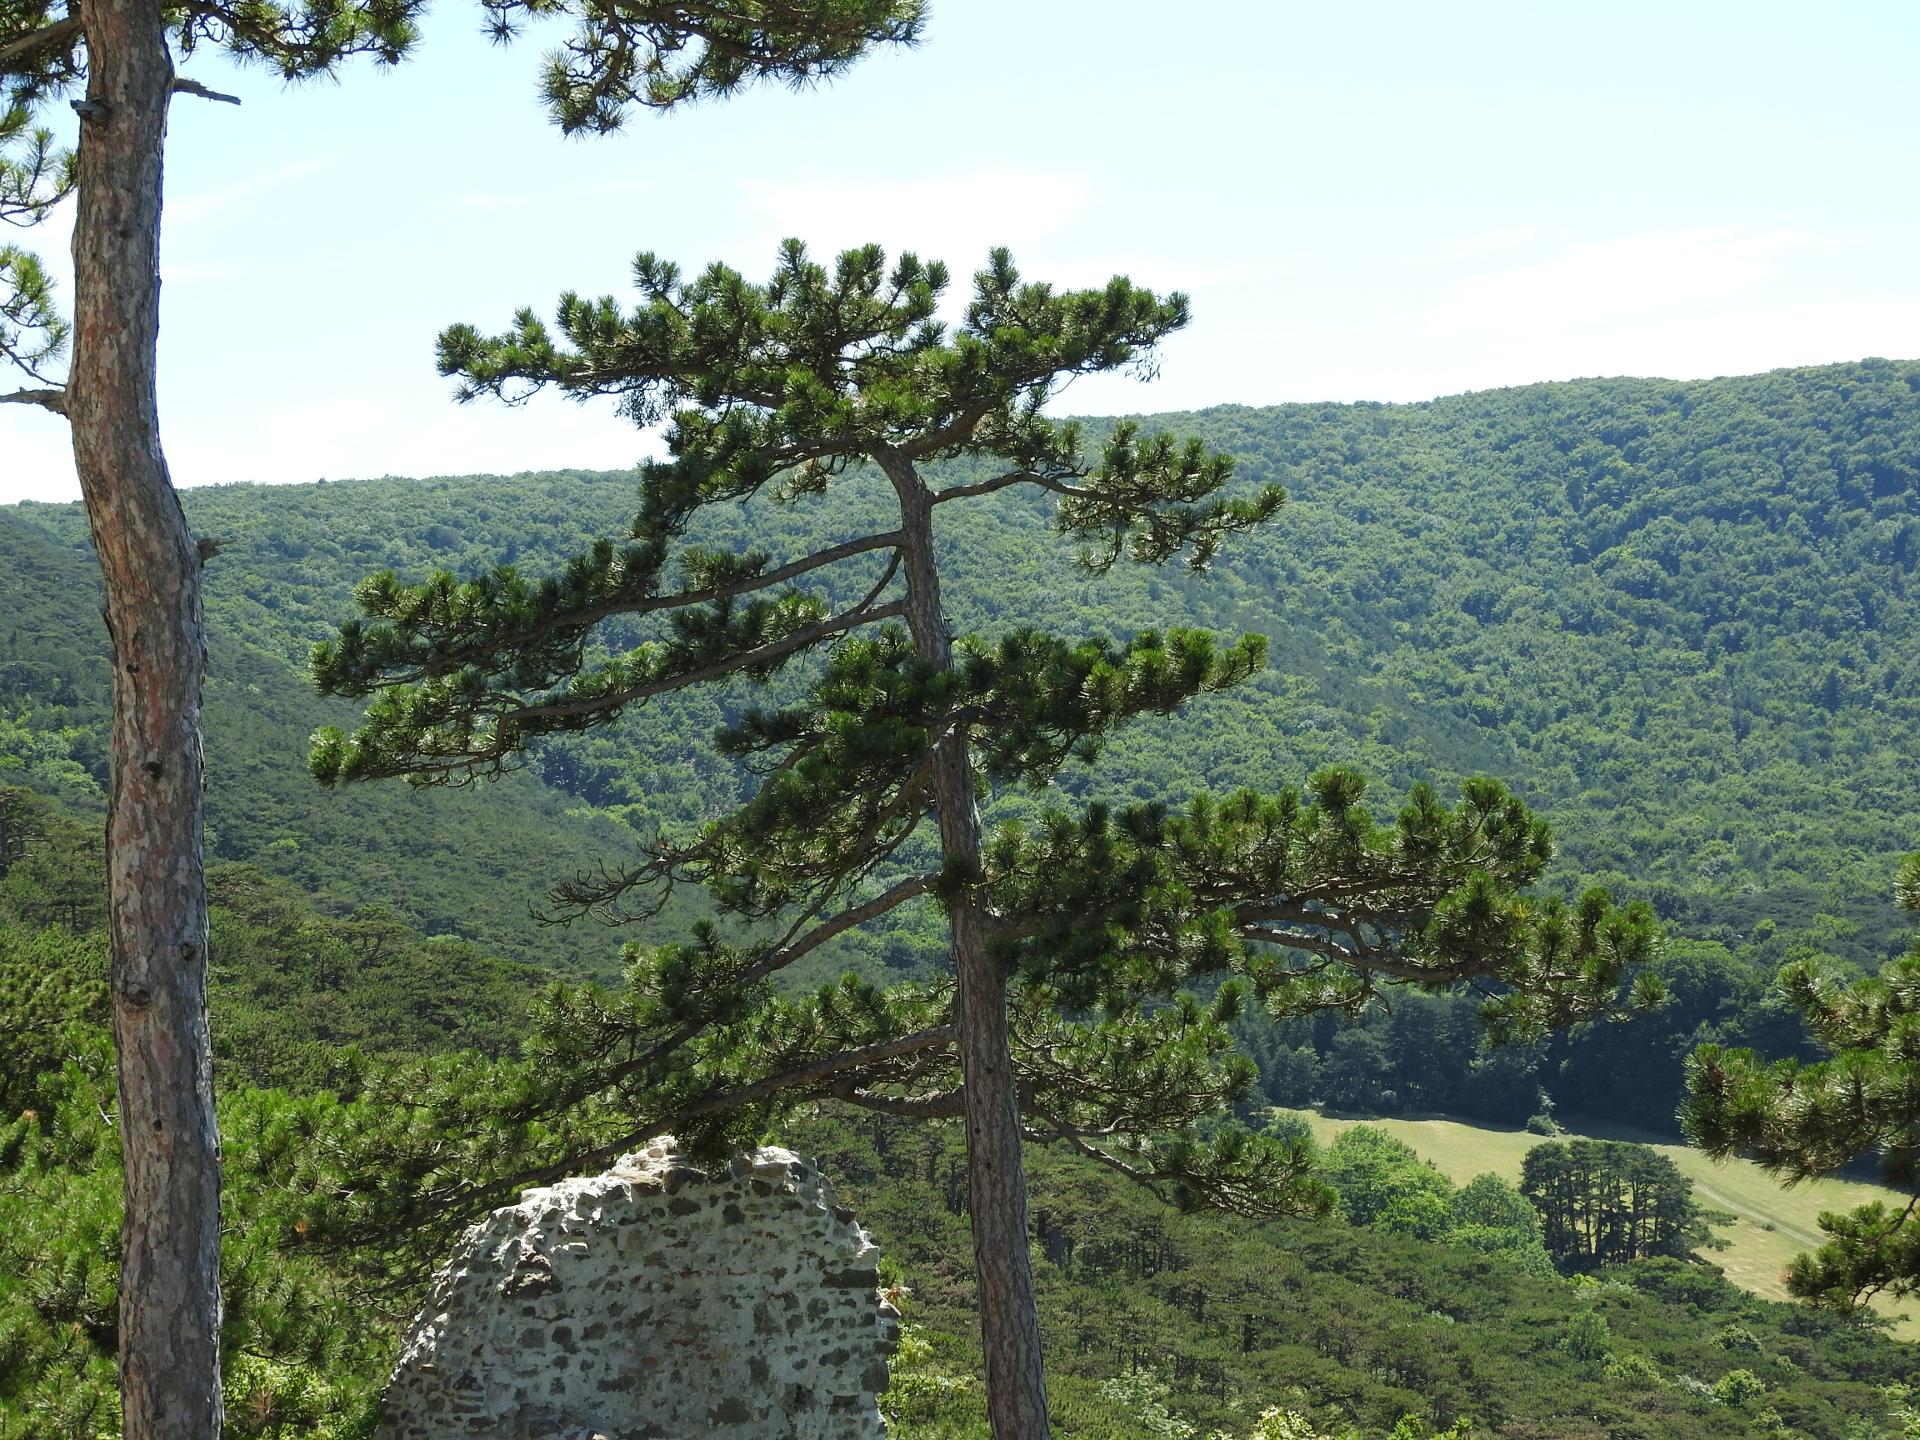 Föhren haben unter den Nadelbäumen eine sehr spezielle Wuchsform. - Photocredit: pixabay.com/PIX1861